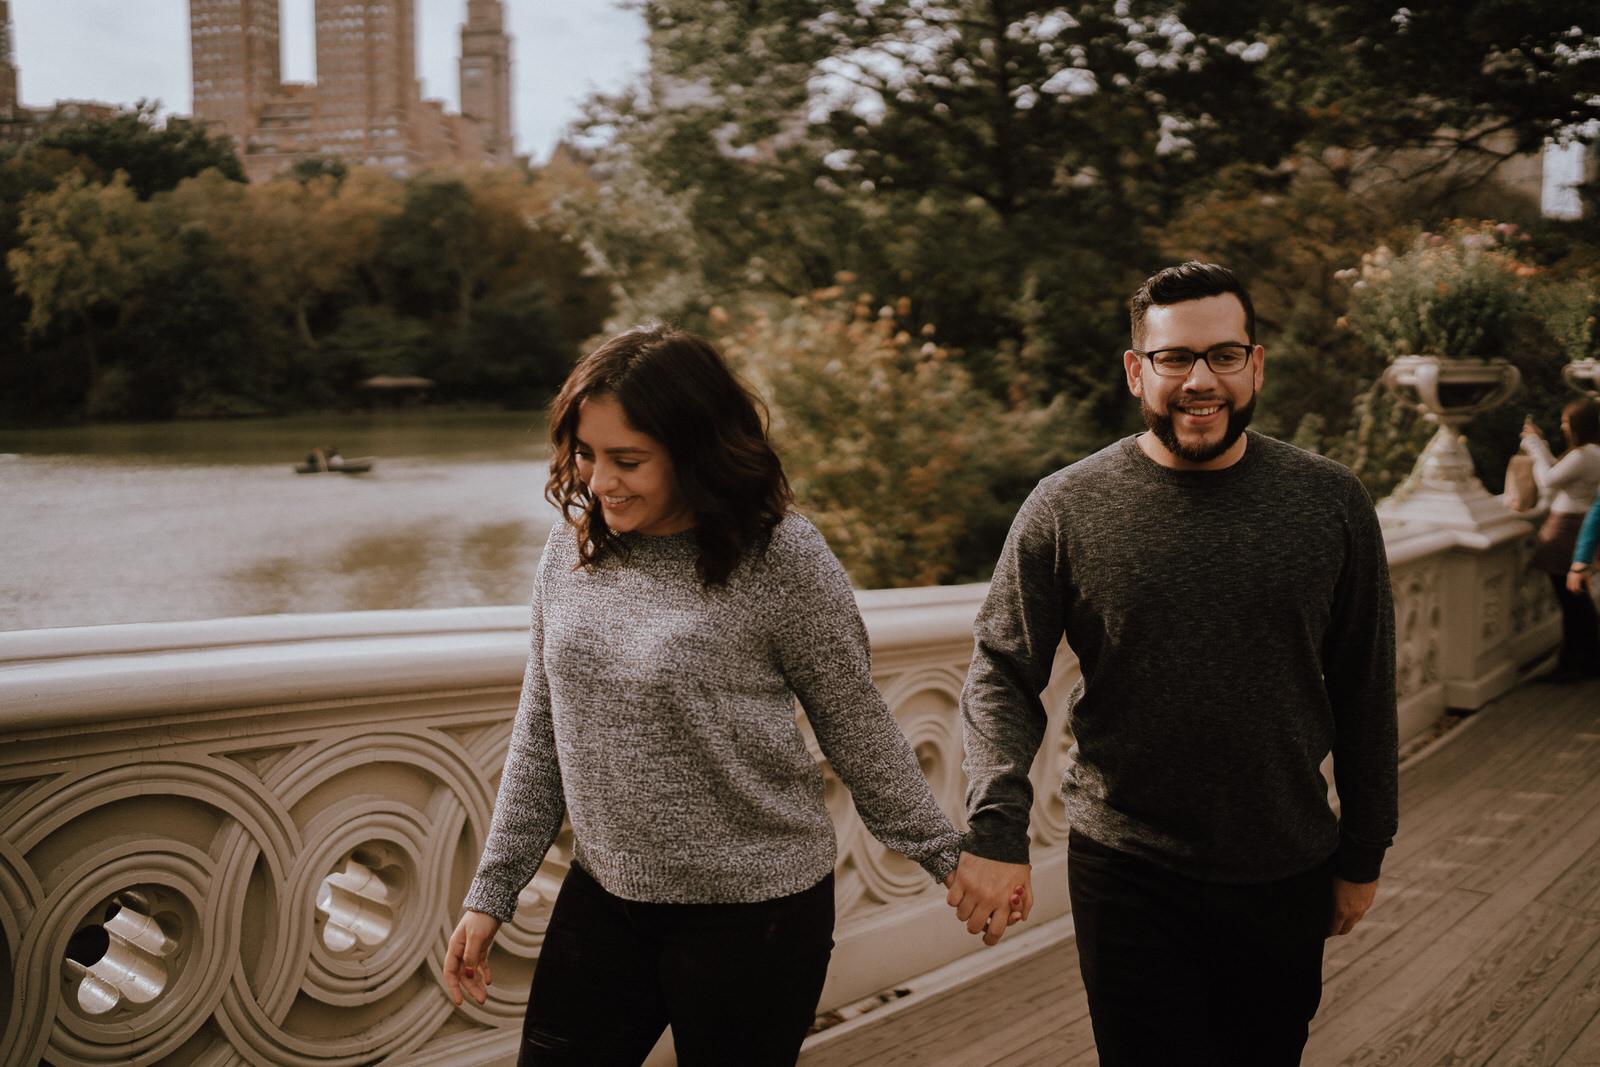 Central Park Engagement Photos-Bow Bridge-Michelle Gonzalez Photography-Alyssa and Cecilio-63.JPG